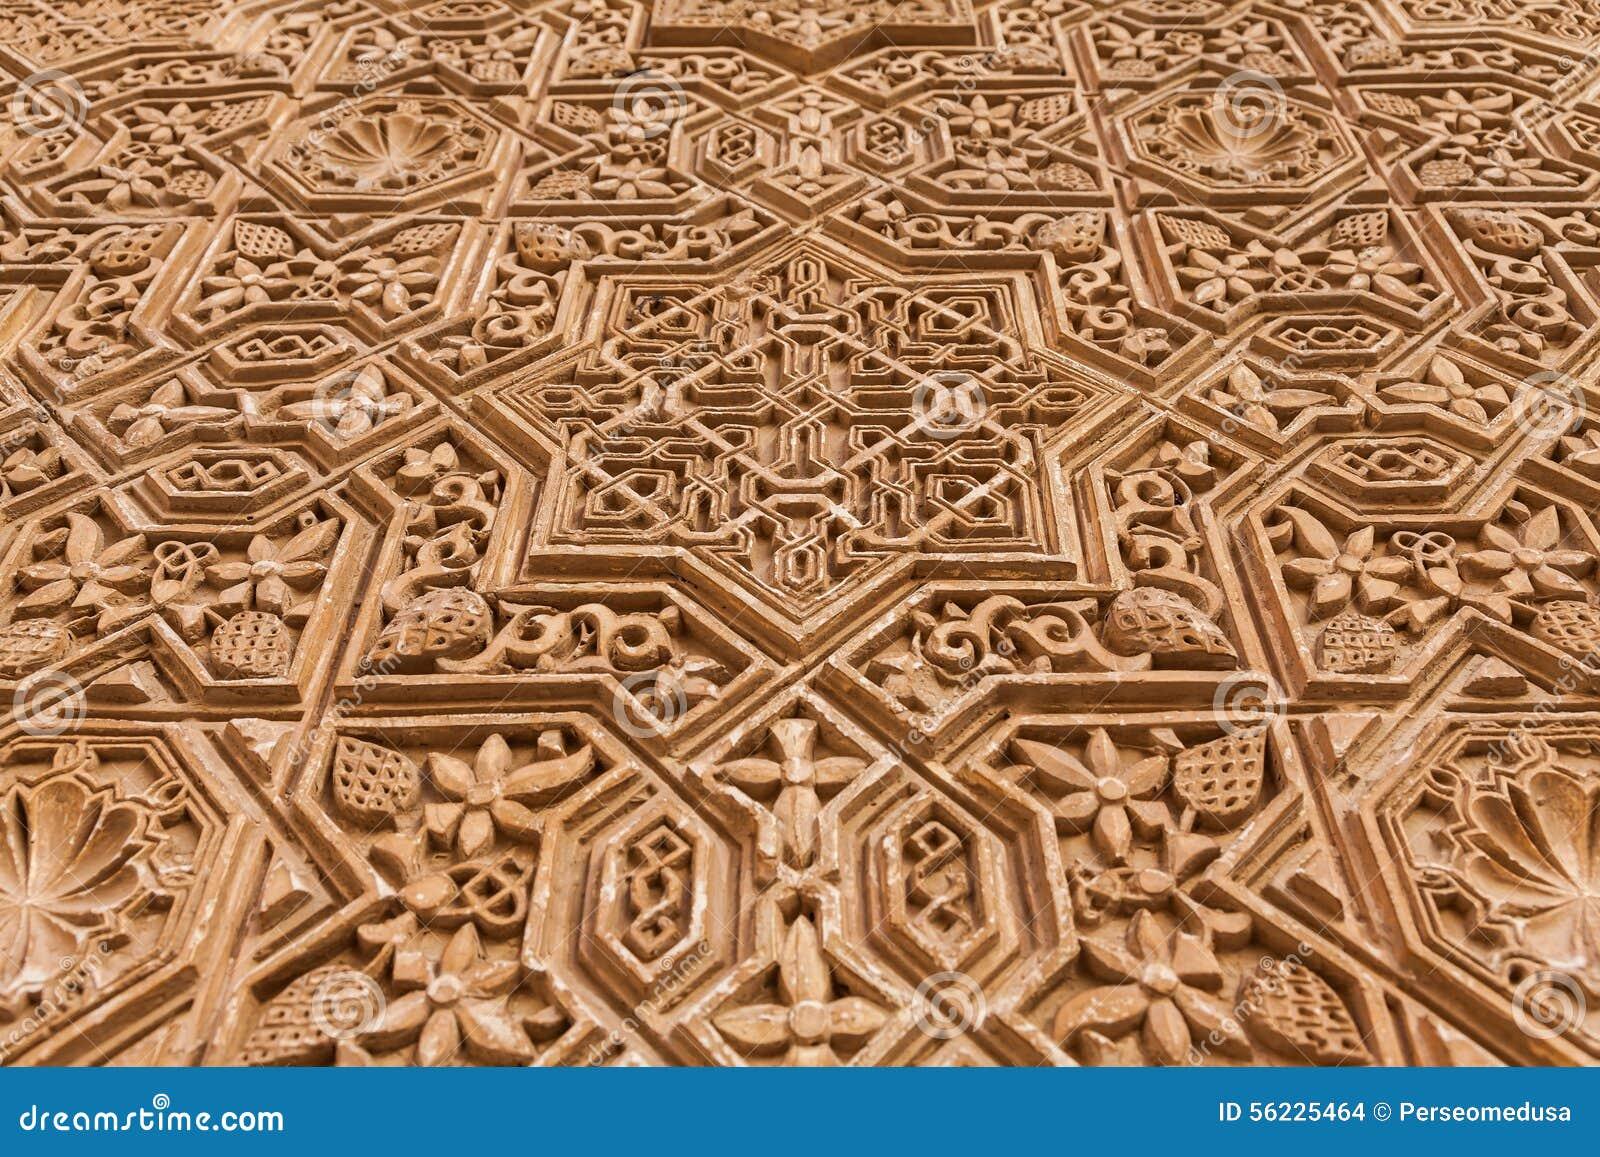 Arabische Dekoration Auf Acient Wand Stockfoto Bild